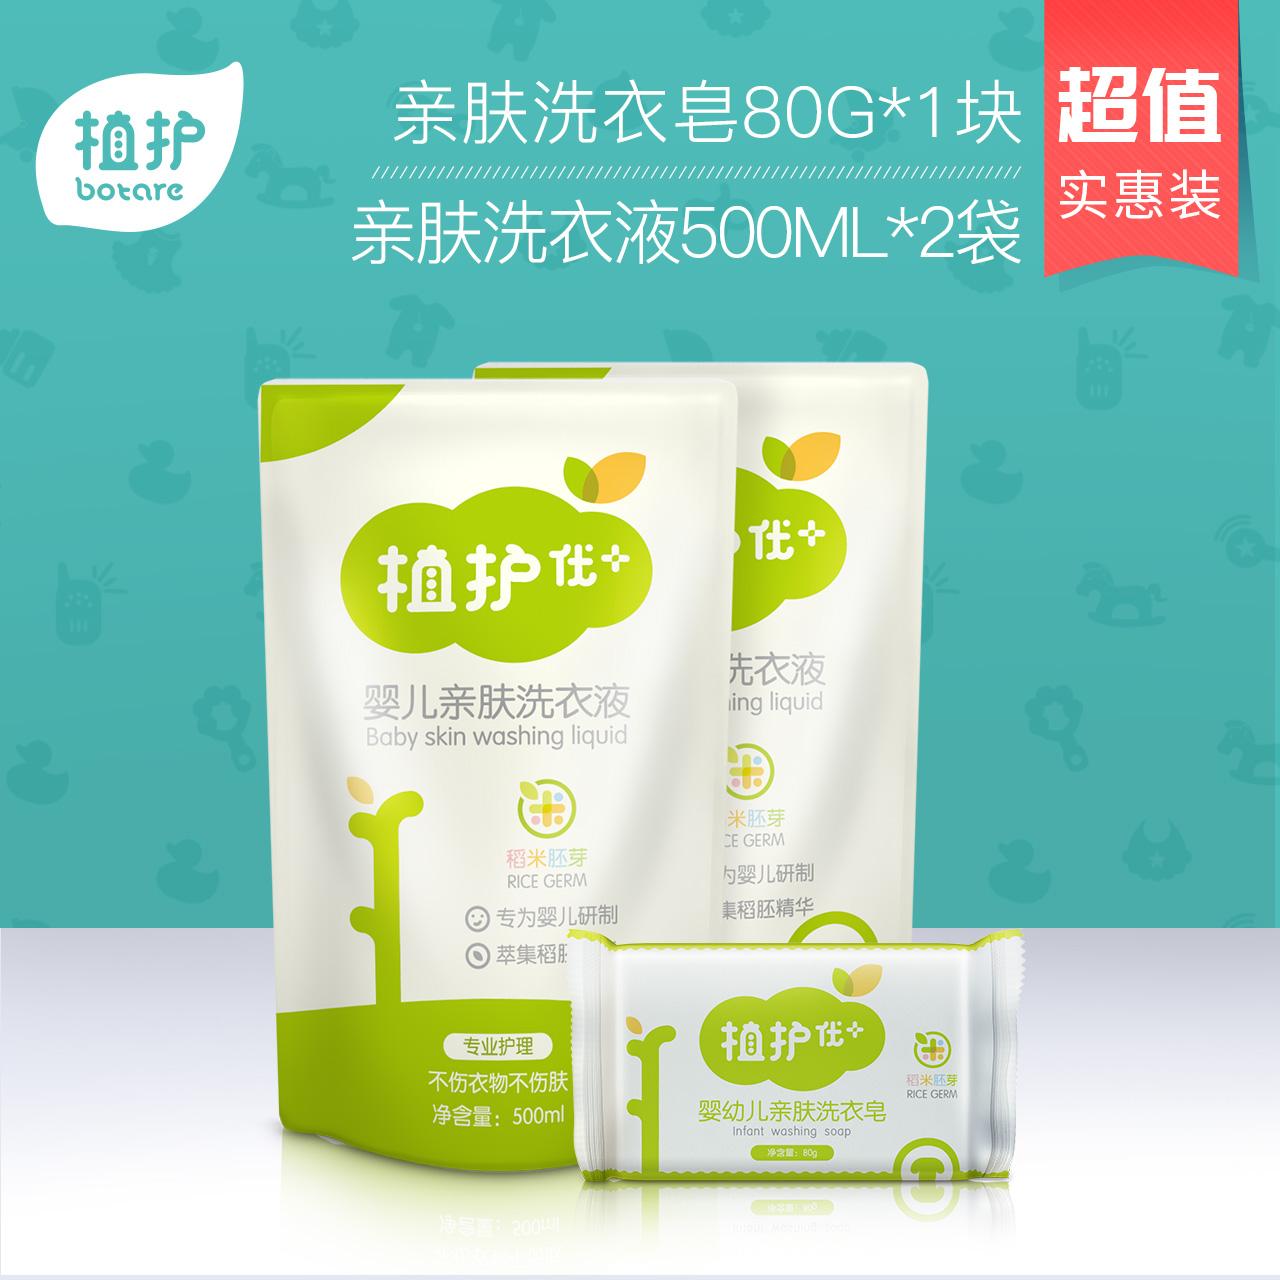 Завод защищать ребенок прачечная жидкость заправка 500ml*2+ прачечная мыло 80g словосочетание ребенок прачечная сочетание